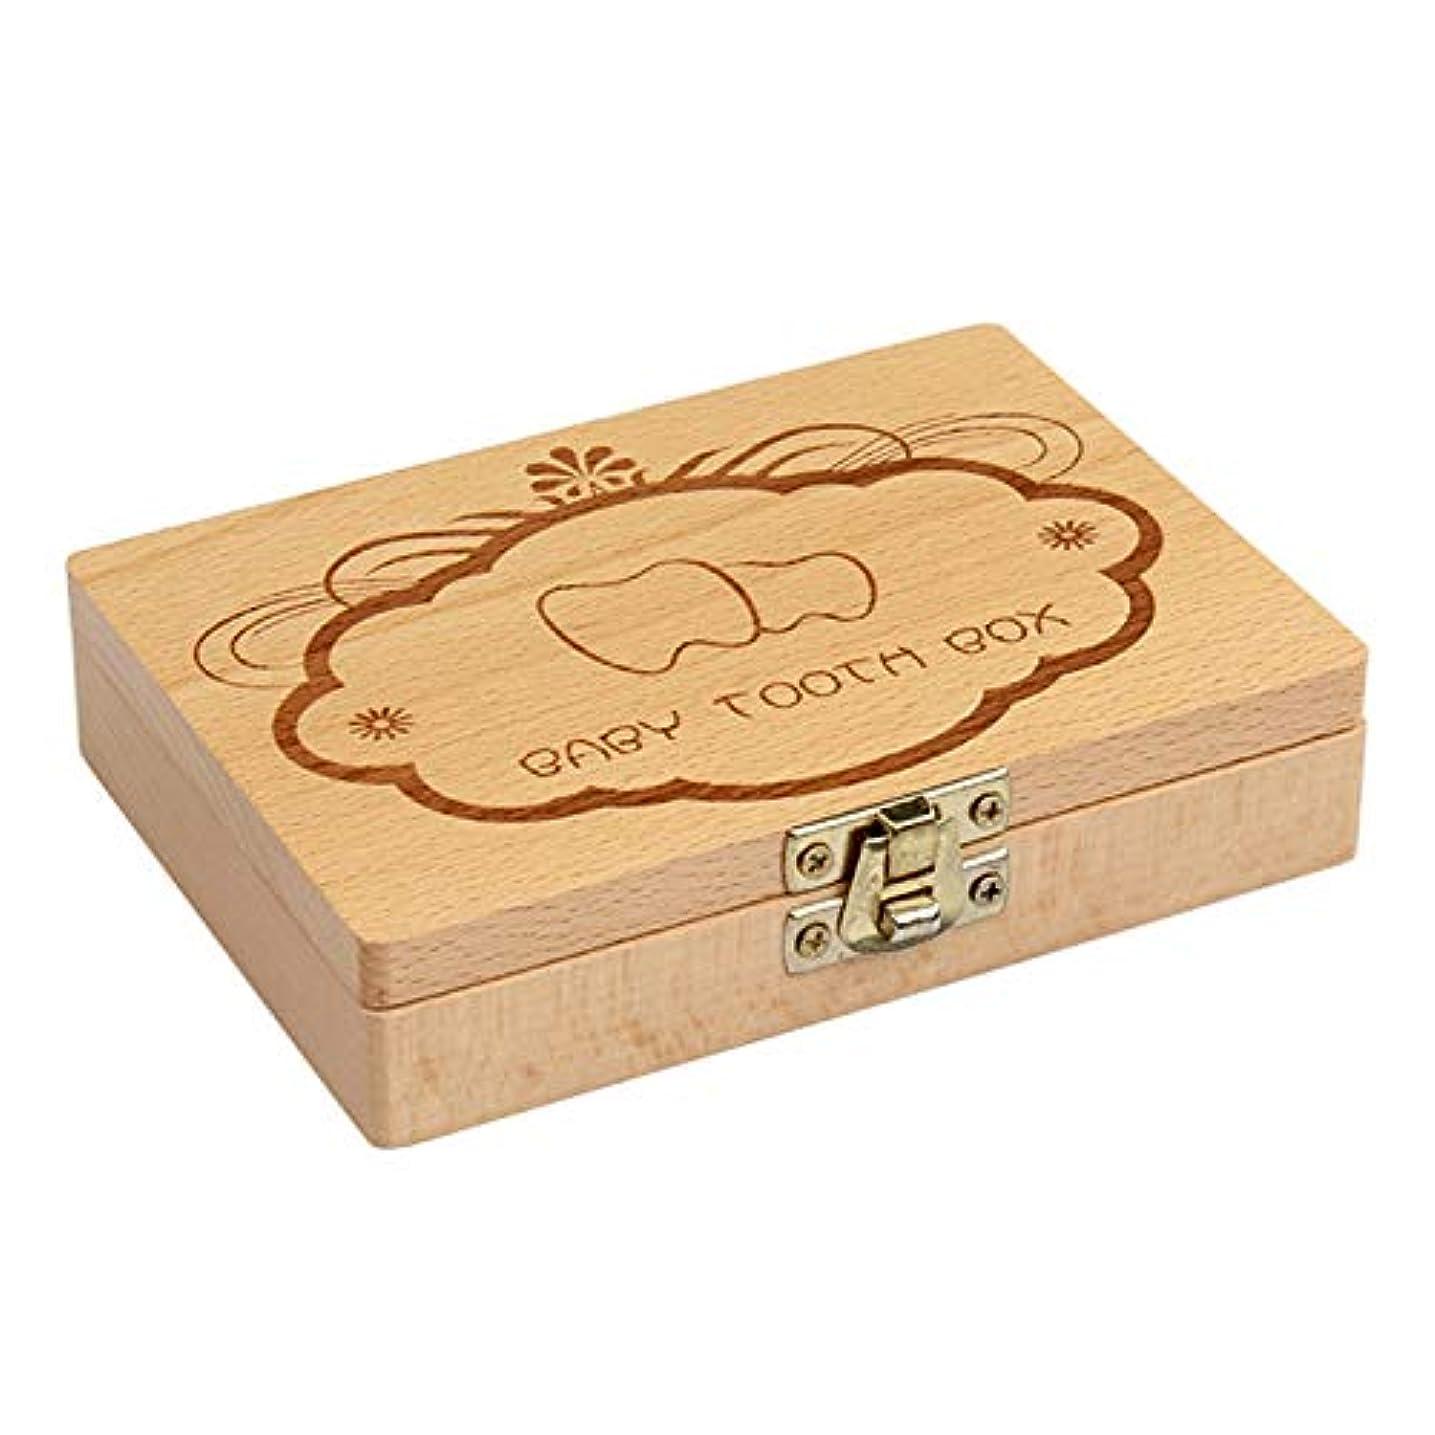 退院保守可能はげACAMPTAR 木製キッズベビーミルク歯ボックスオーガナイザー木材収納赤ちゃん歯ボックス、男の子女の子用歯の保存ギフト